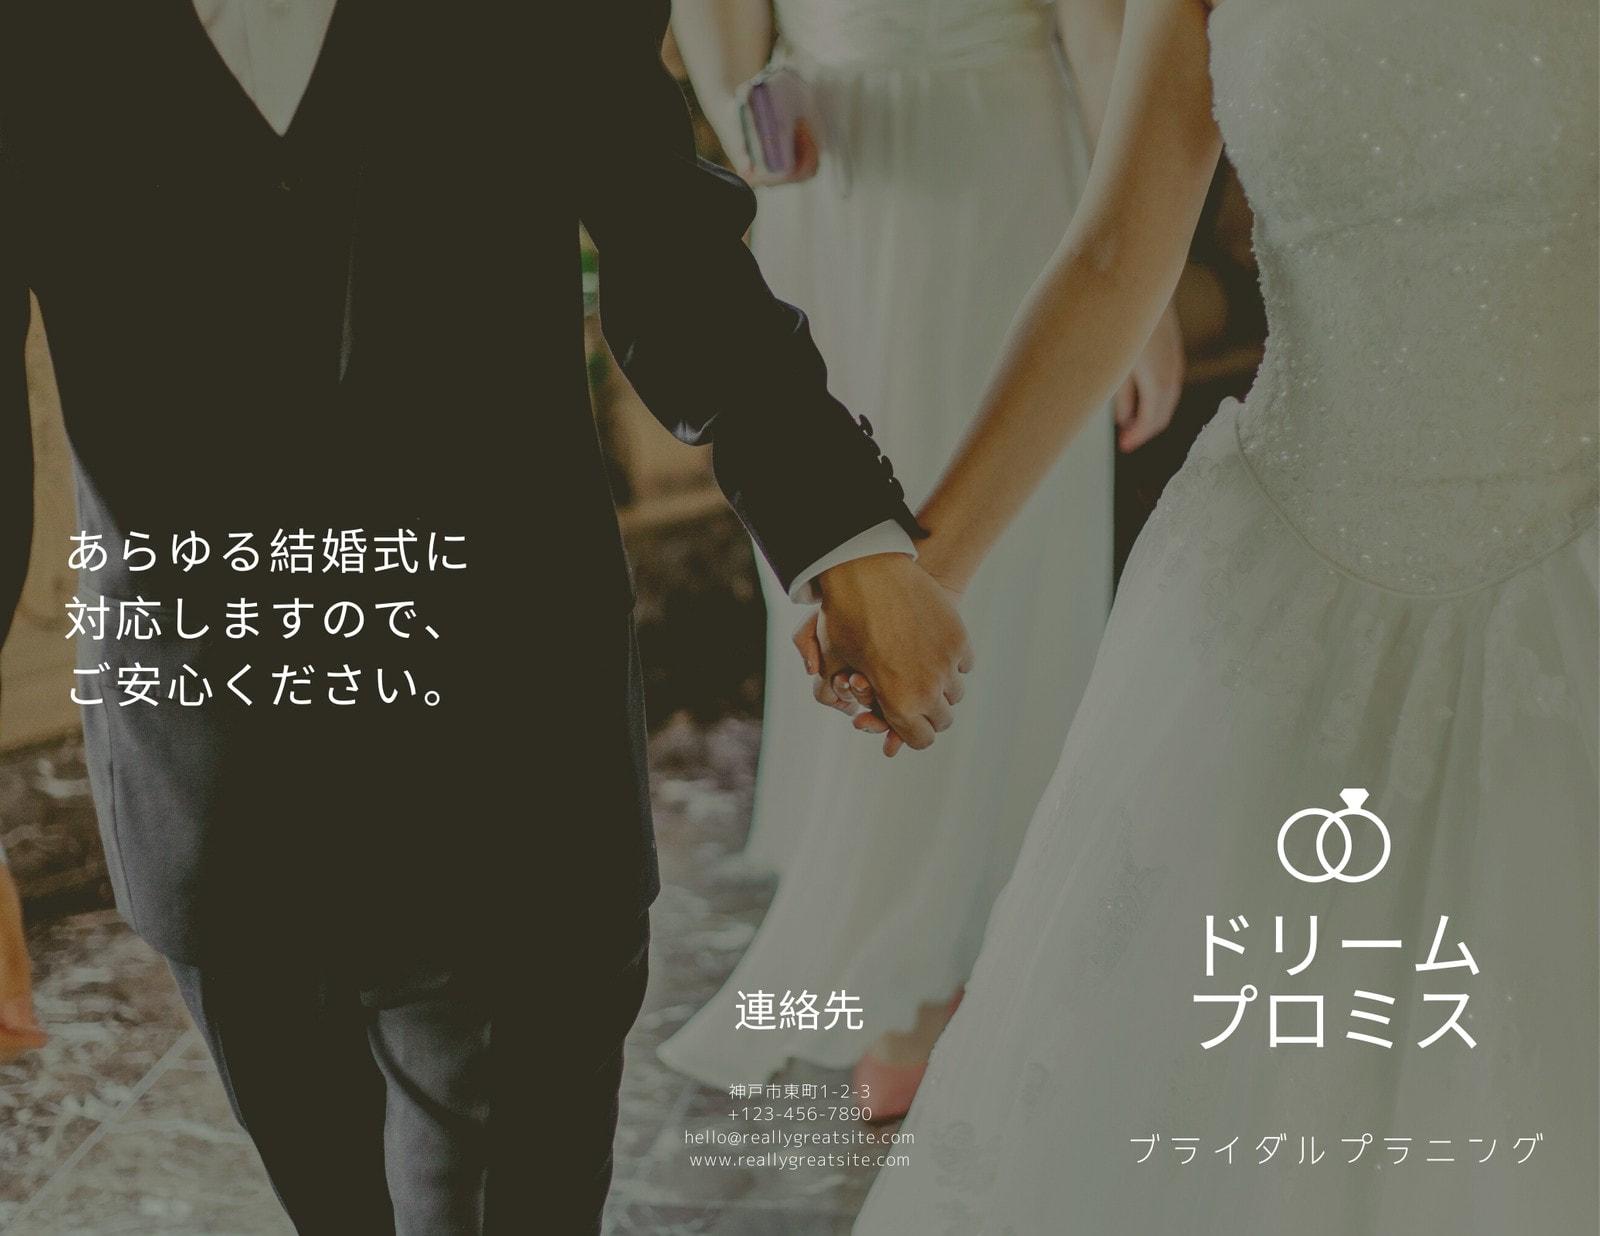 写真 背景 結婚式 三つ折りパンフレット